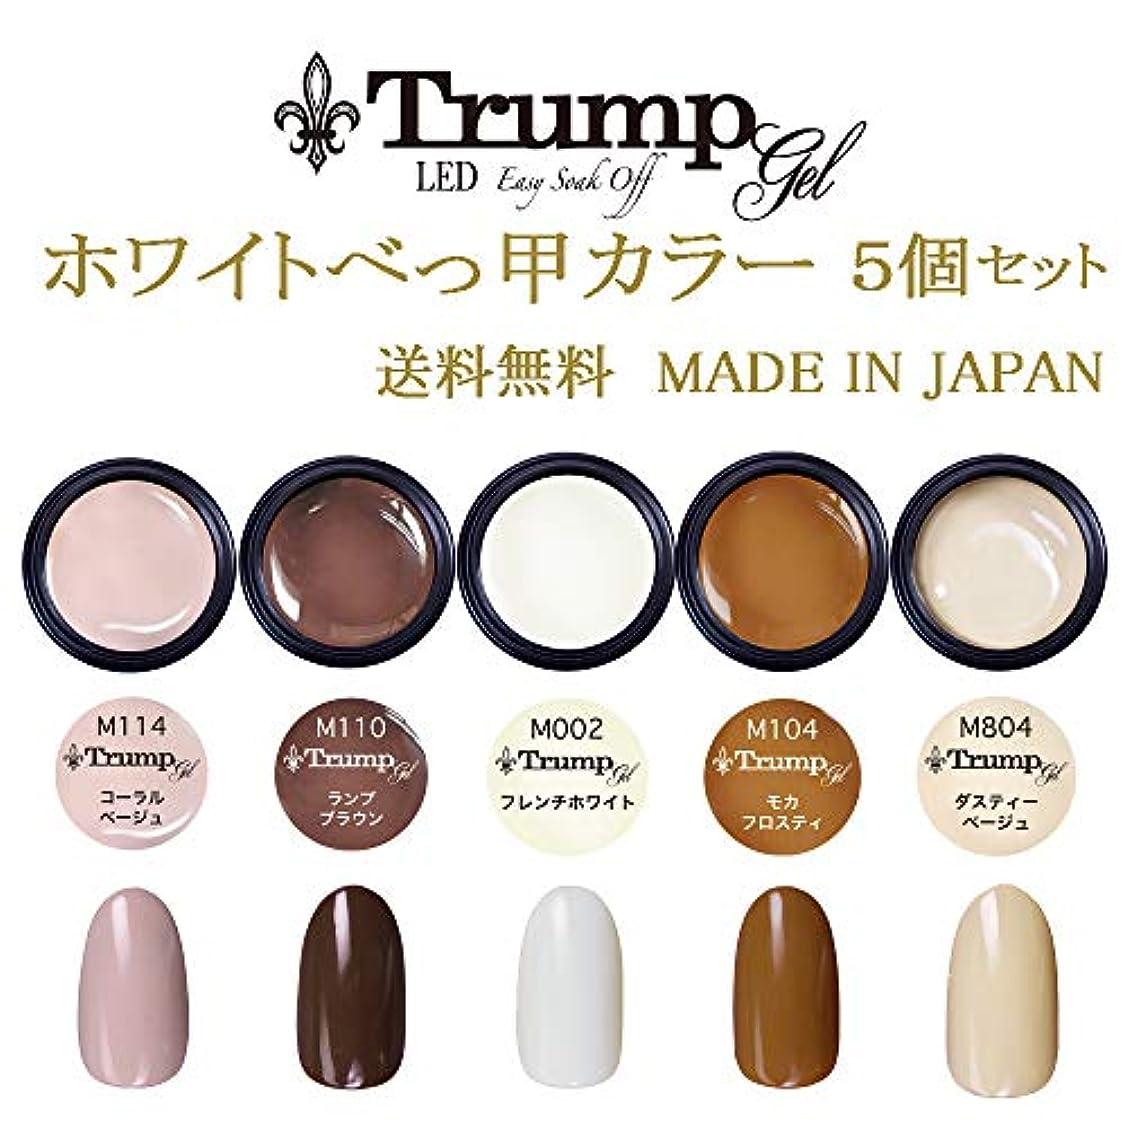 可愛いチートリダクター【送料無料】日本製 Trump gel トランプジェルホワイトべっ甲カラージェル 5個セット スタイリッシュでオシャレな 白べっ甲カラージェルセット